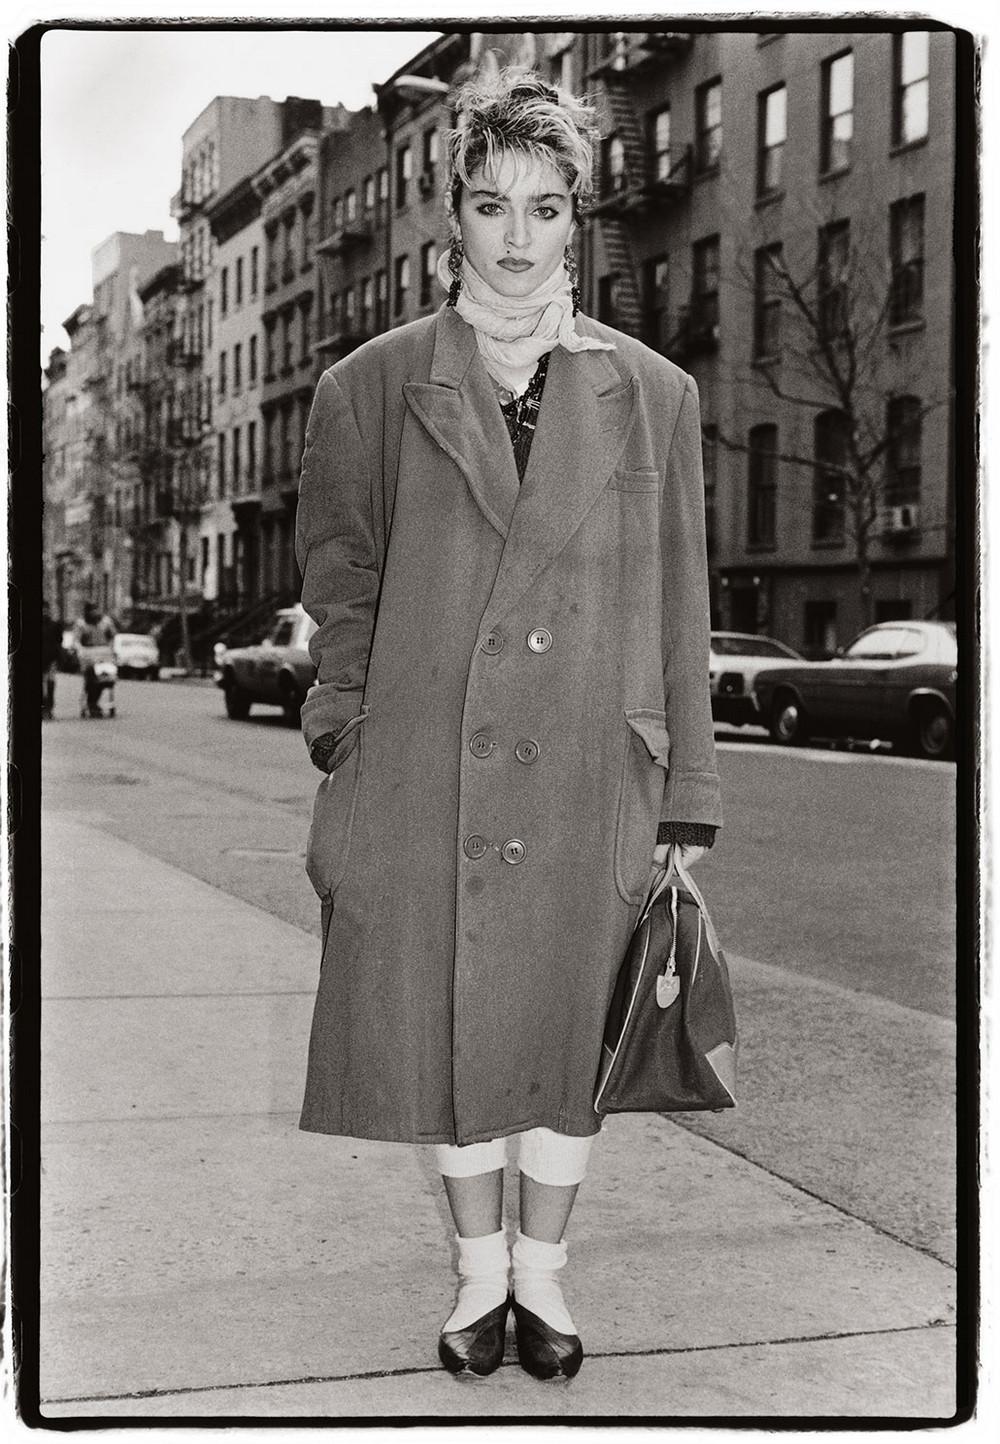 «На улице 1980-1990»: субкультурные архетипы в фотографиях Эми Арбус (22 фото)